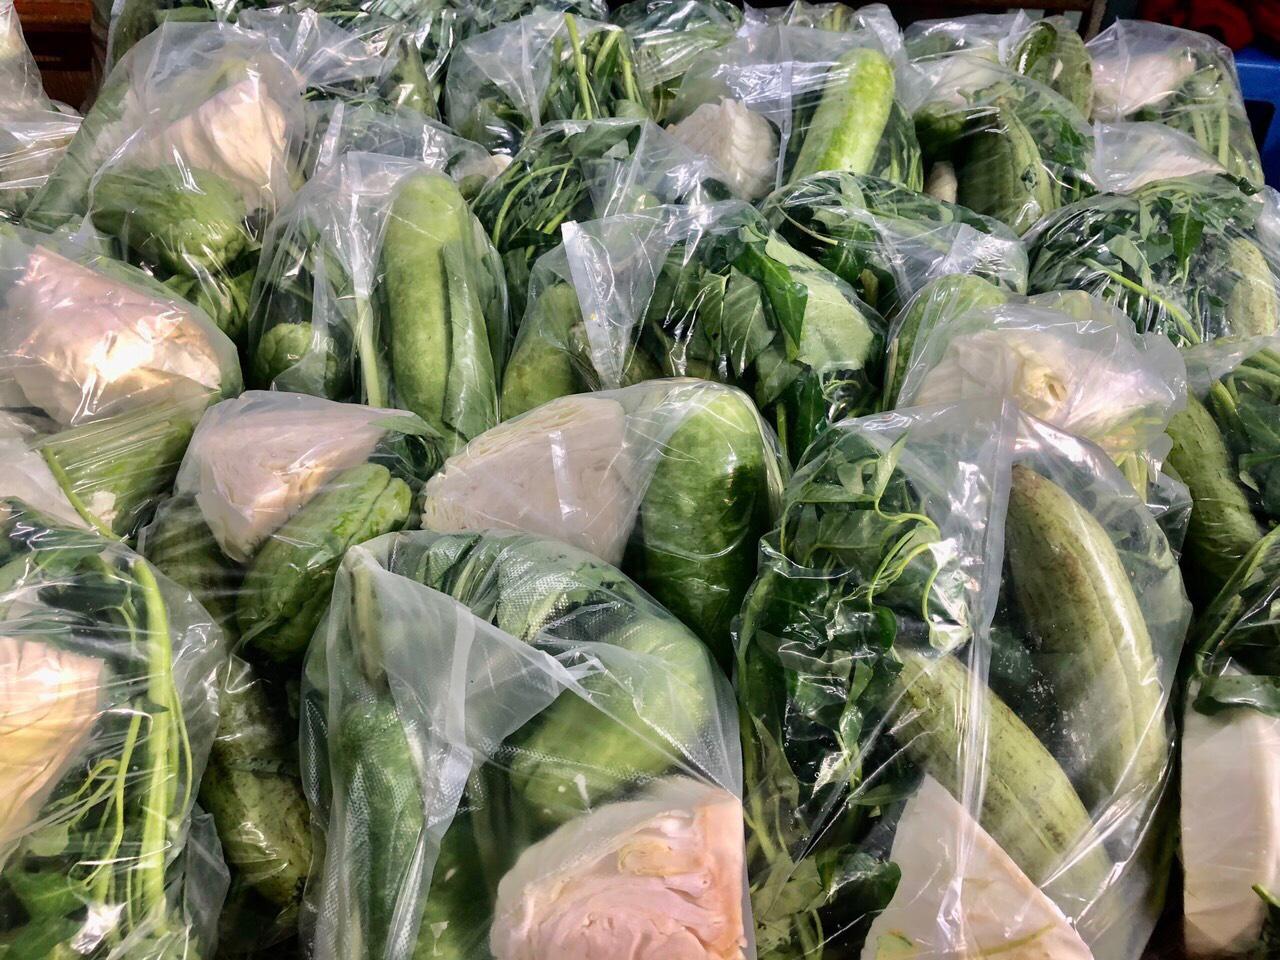 Hàng trăm kg rau củ quả được chuẩn bị hỗ trợ cho người dân khu cách ly